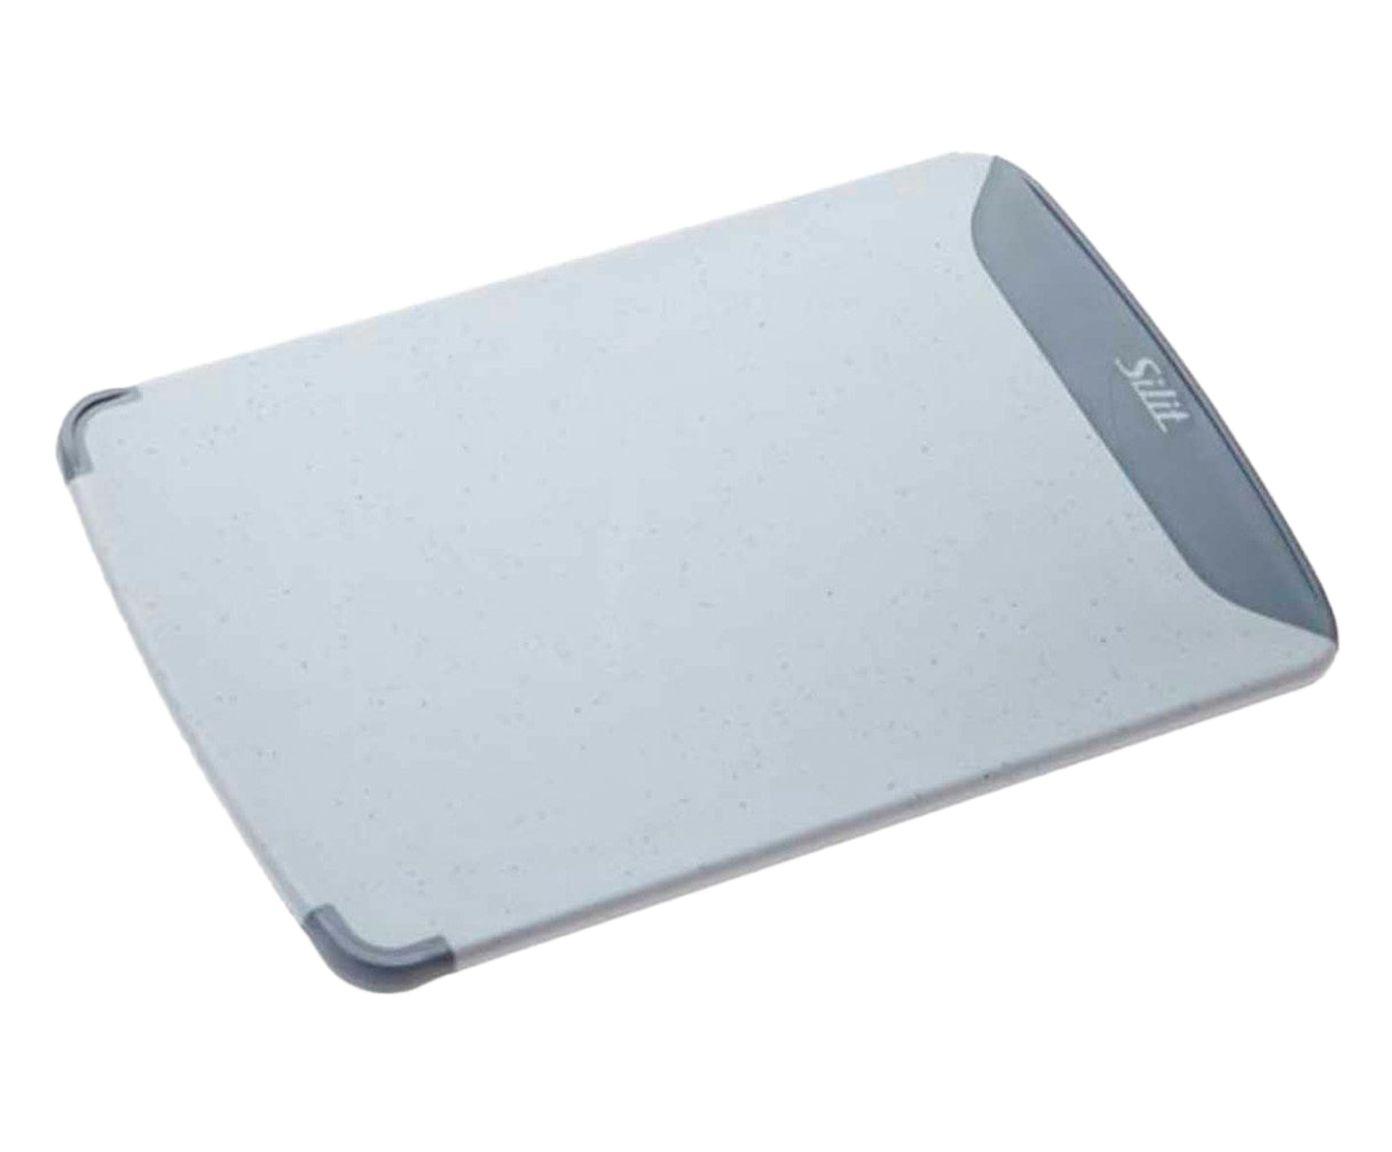 Tábua Anti-Bactéria Silit - 38X1,5X25cm | Westwing.com.br